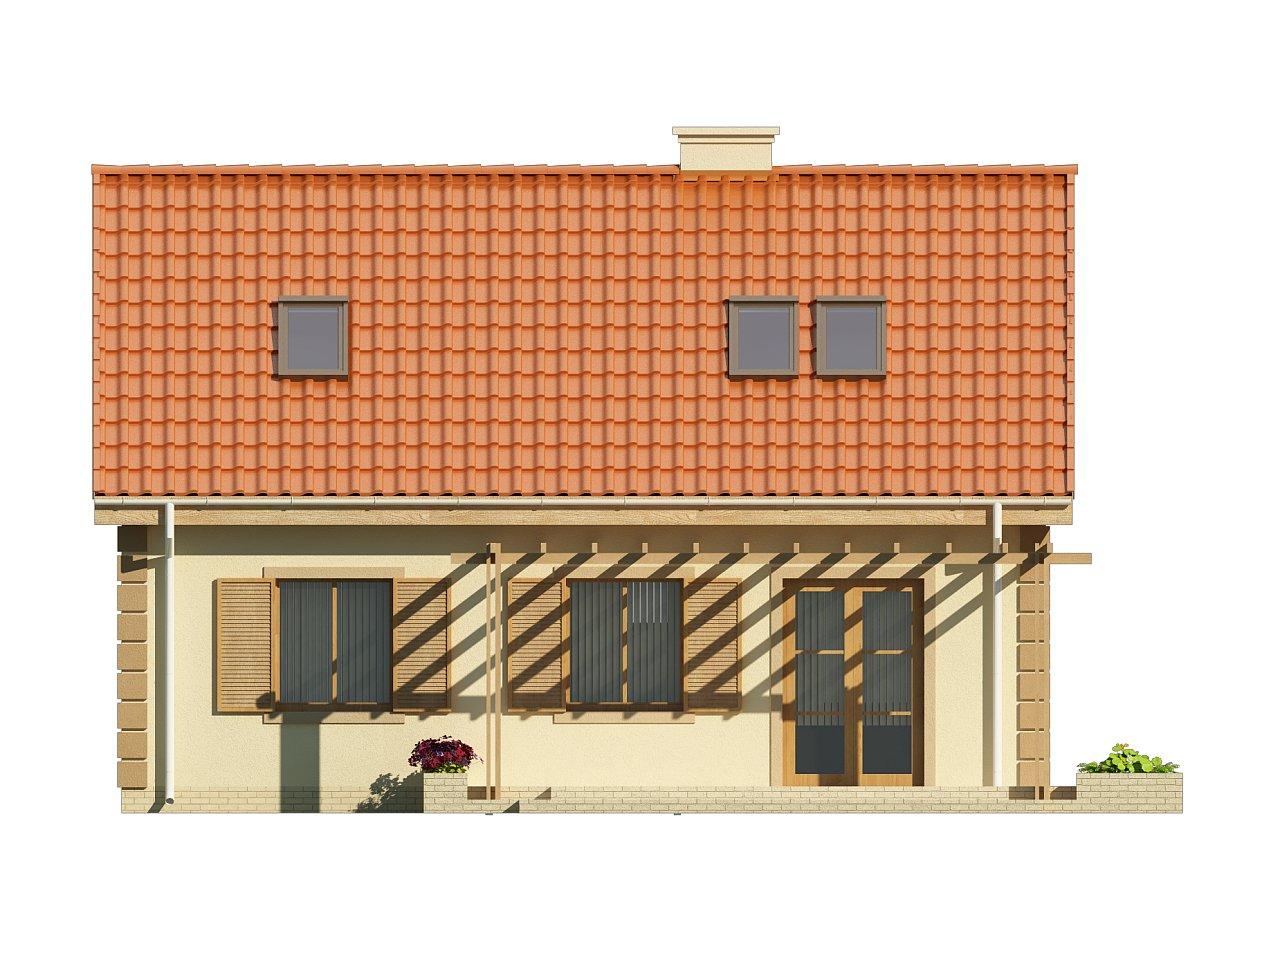 Функциональный и уютный дом с дополнительной спальней на первом этаже. Простой и экономичный в строительстве. 11